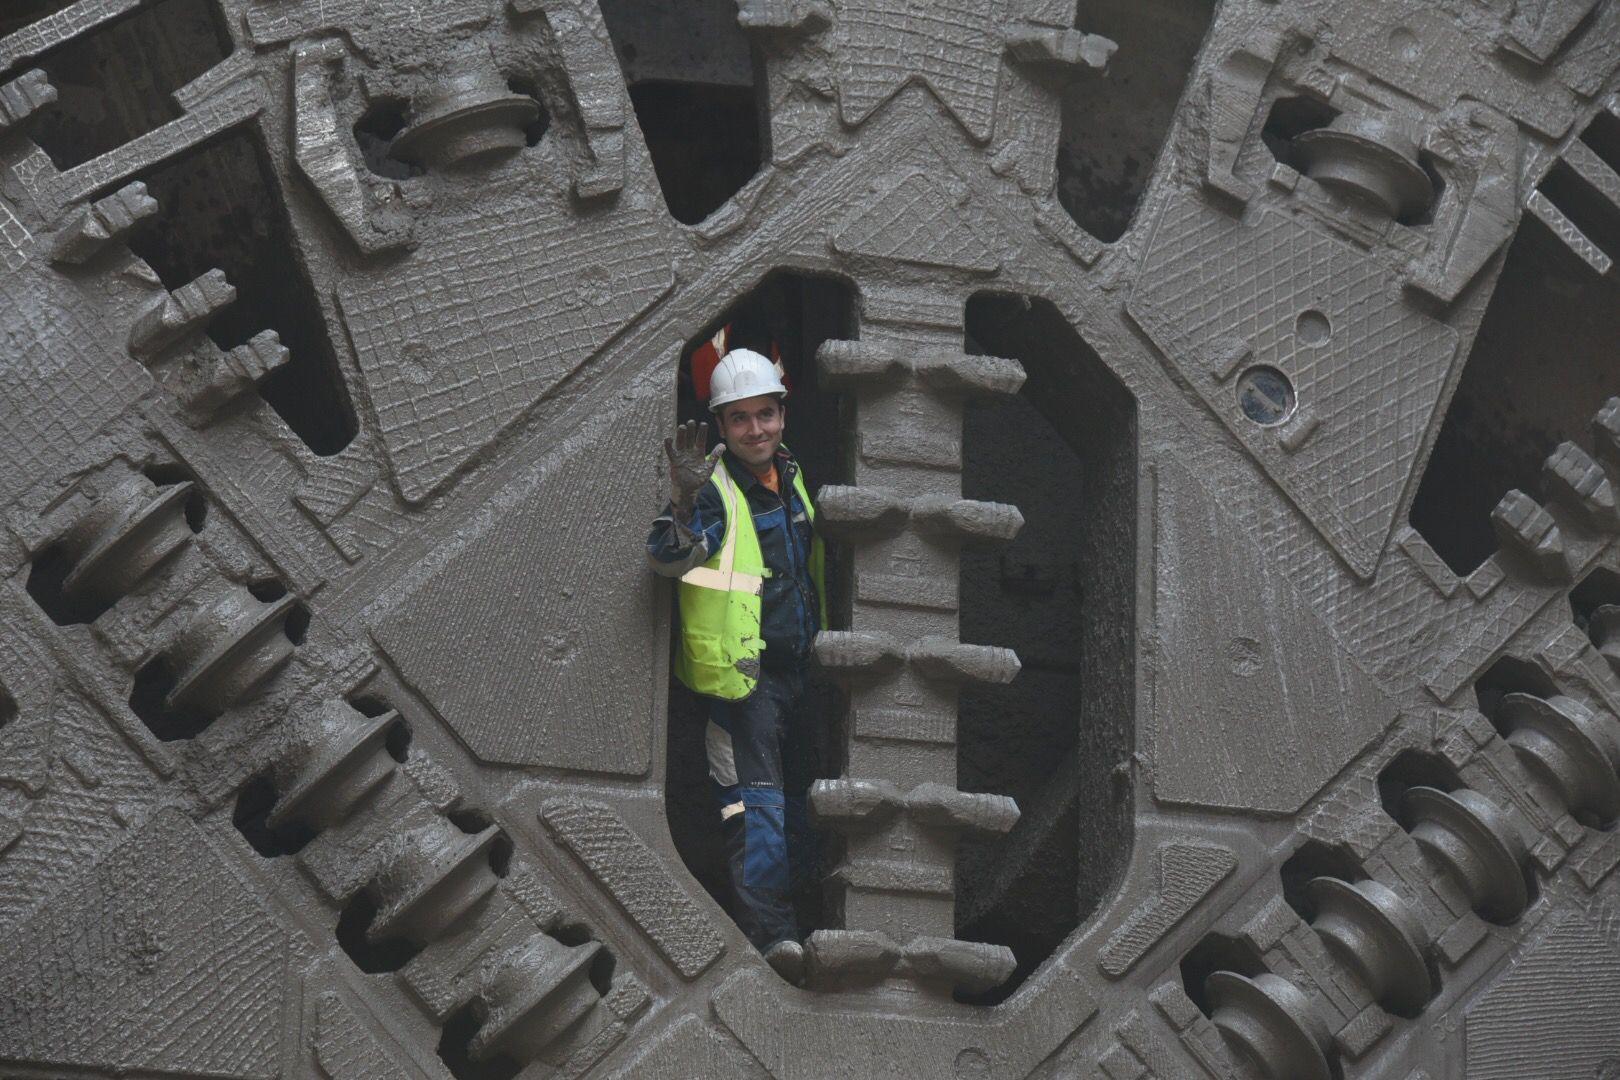 Строительство седьмого тоннеля Коммунарской линии метро началось в Новой Москве